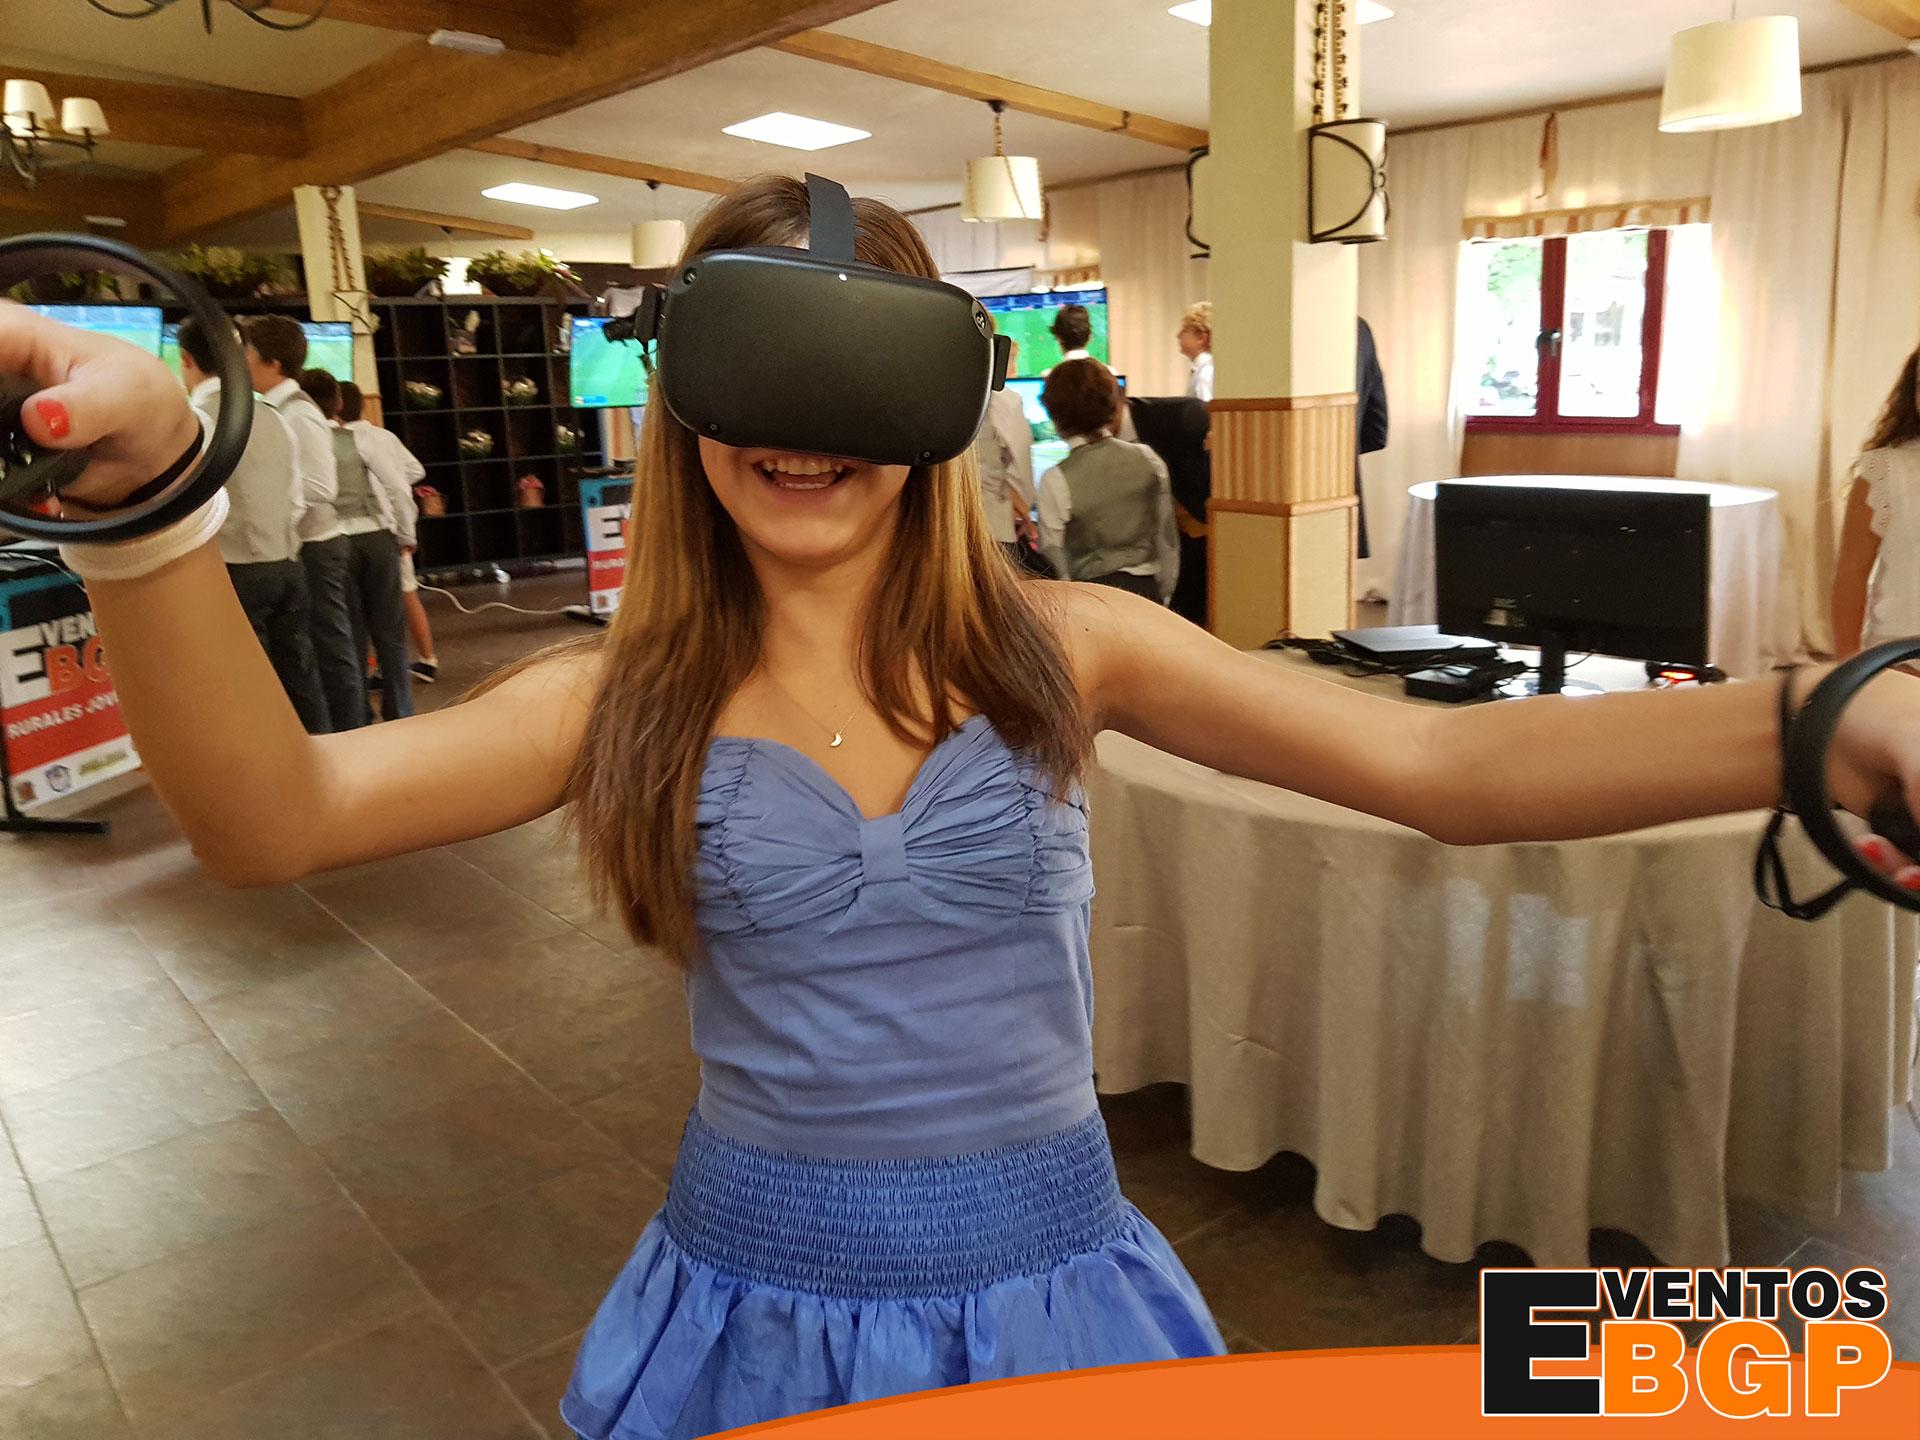 Realidad virtual aplicada en eventos corporativos con animación de ocio diferente y original